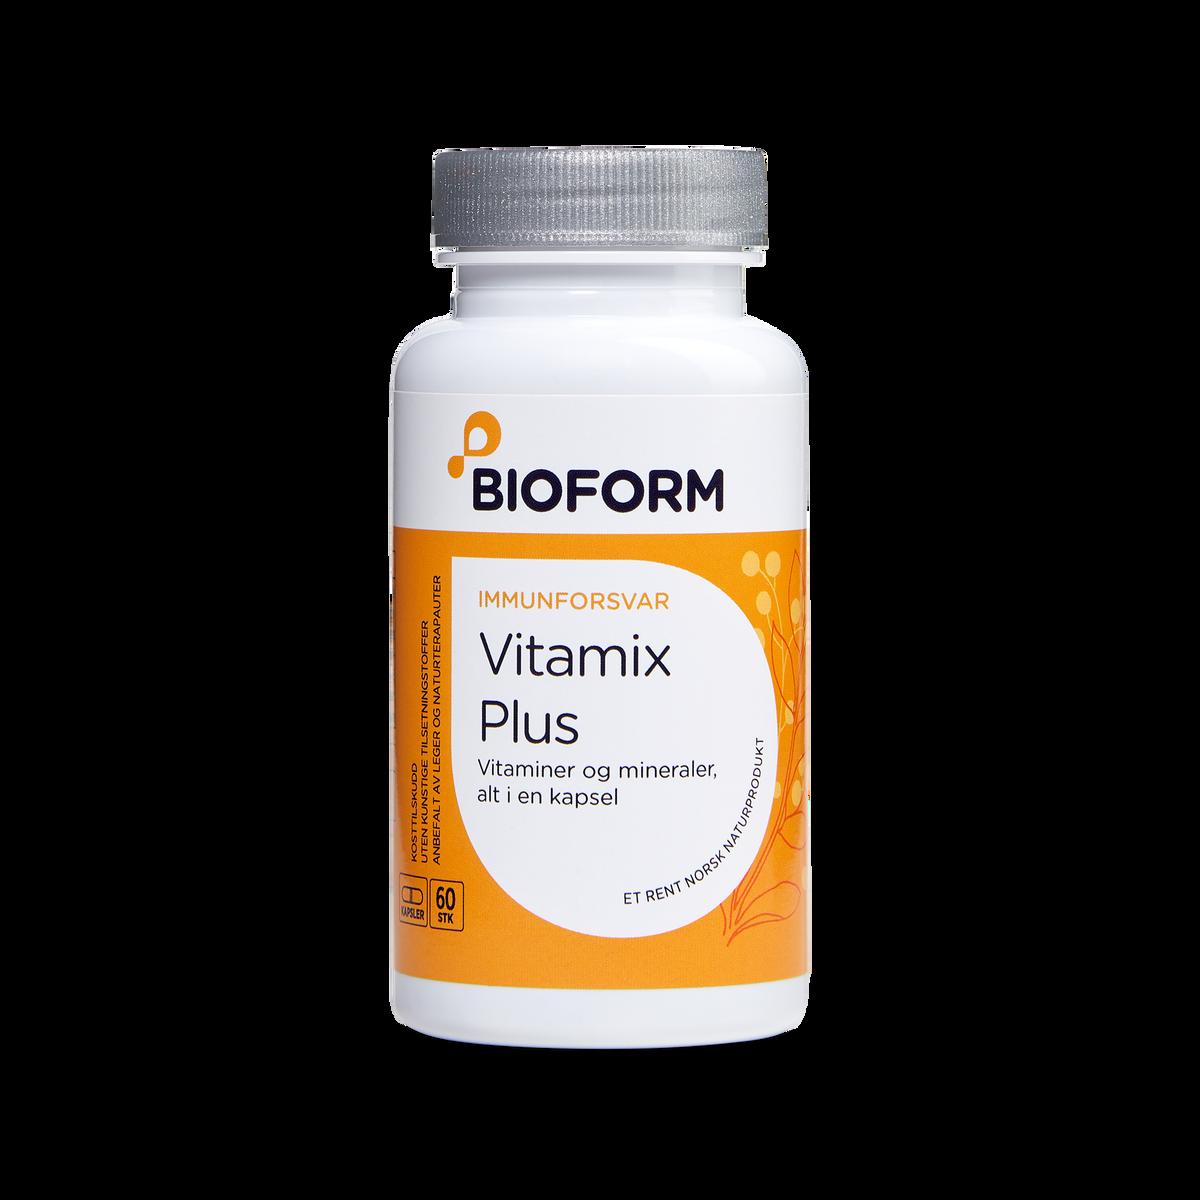 Vitamix Plus